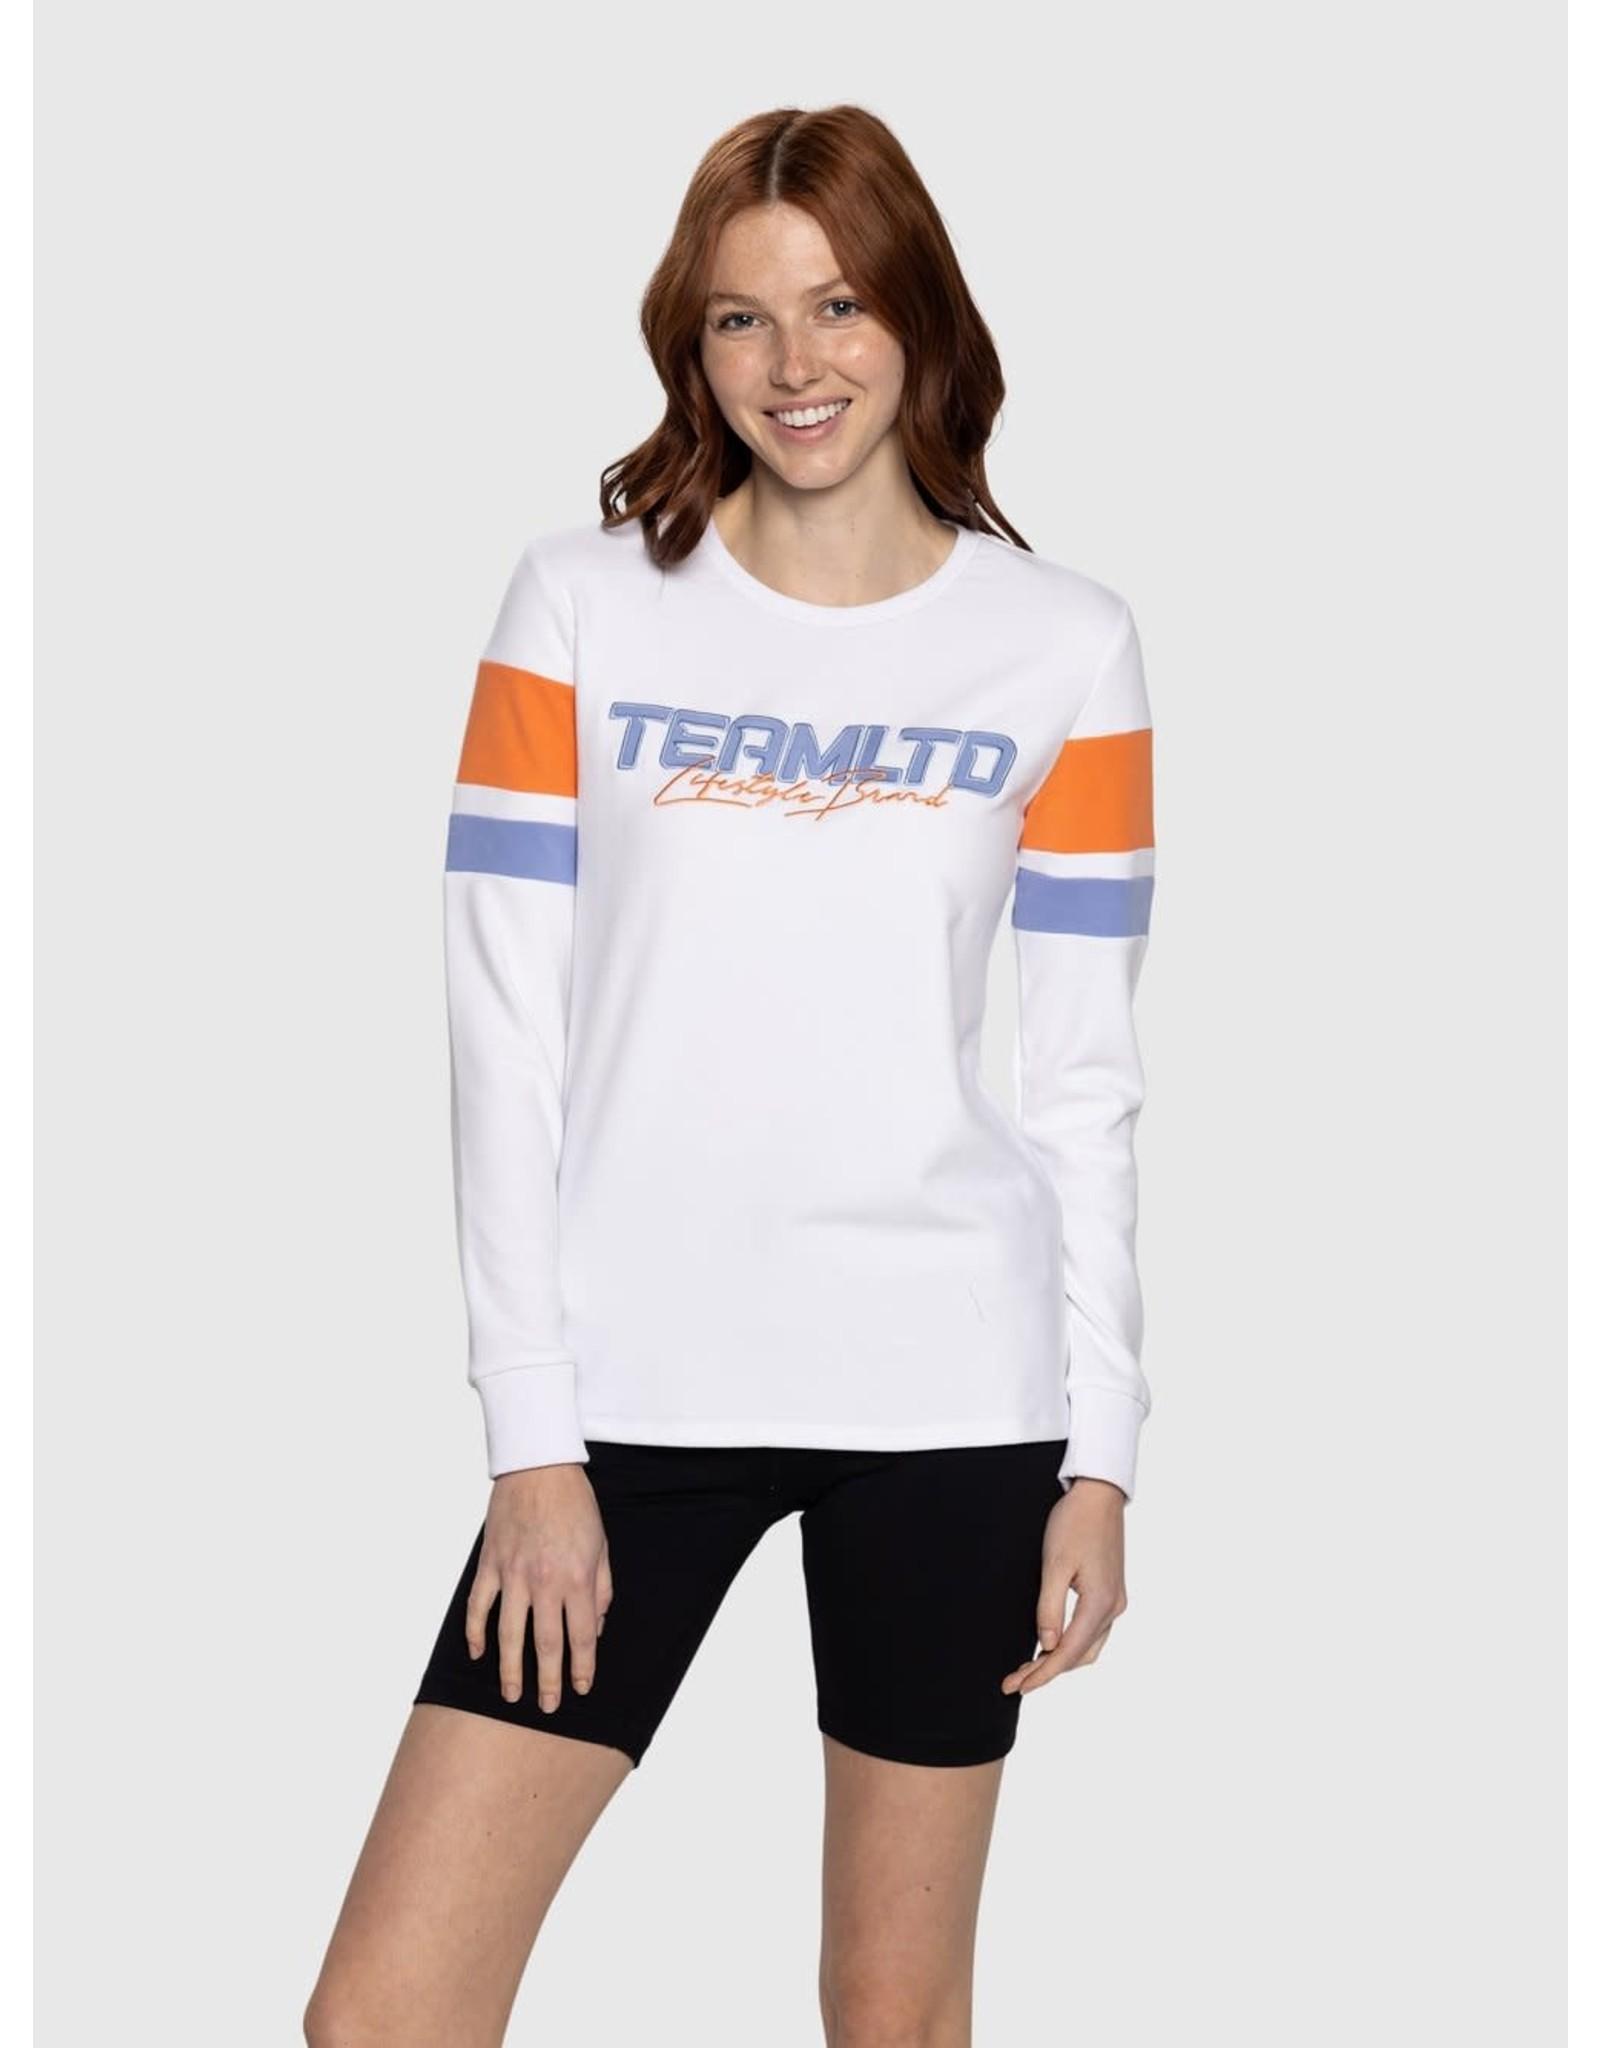 TEAMLTD Wm's Team Jersey LS